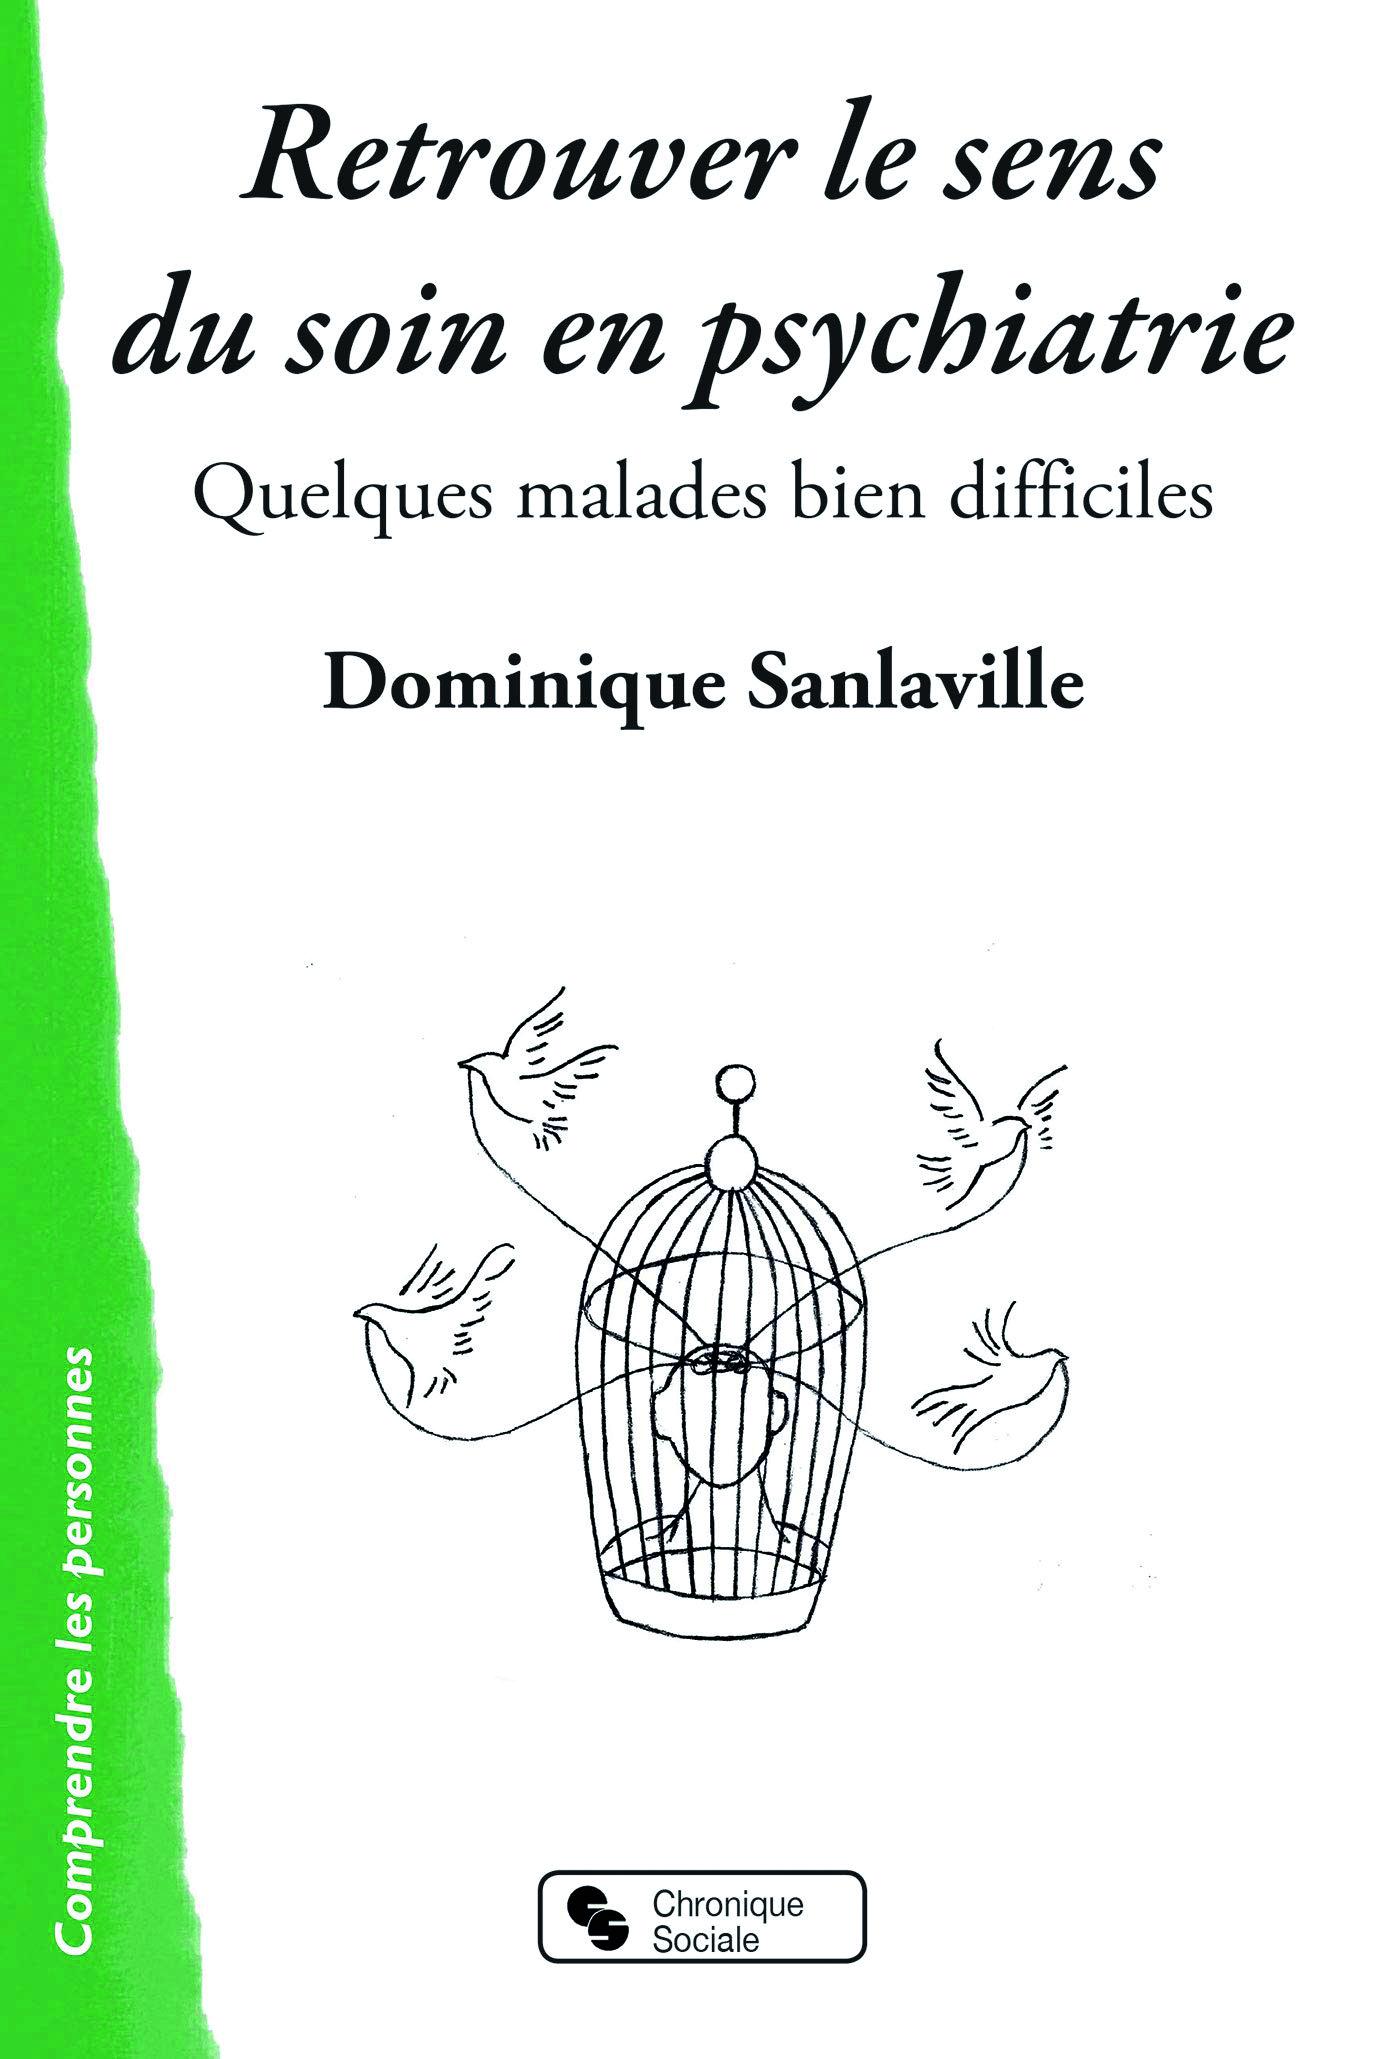 Retrouver le sens du soin en psychiatrie. Quelques malades bien difficiles